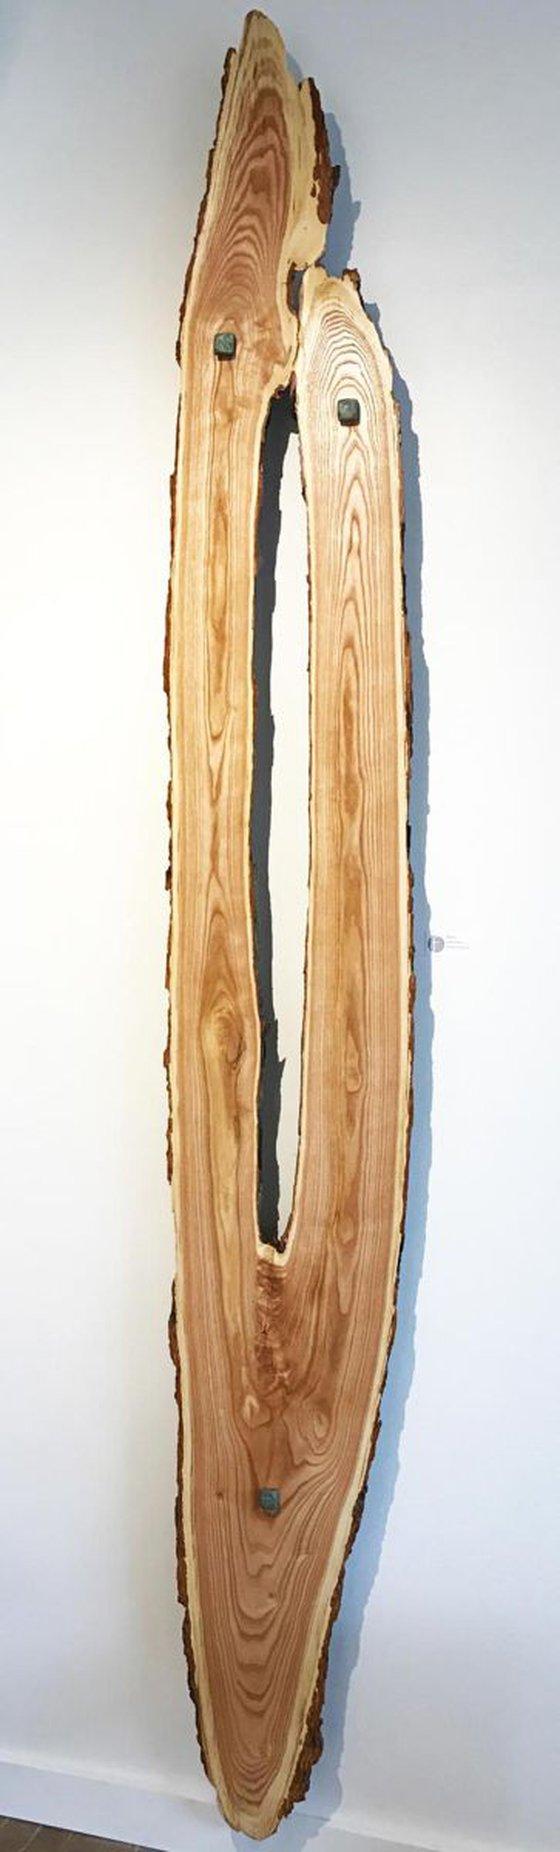 'Reaching' - Original Wood Art Contemporary Lodge Decor Wooden Wall Sculpture Modern Nature Art